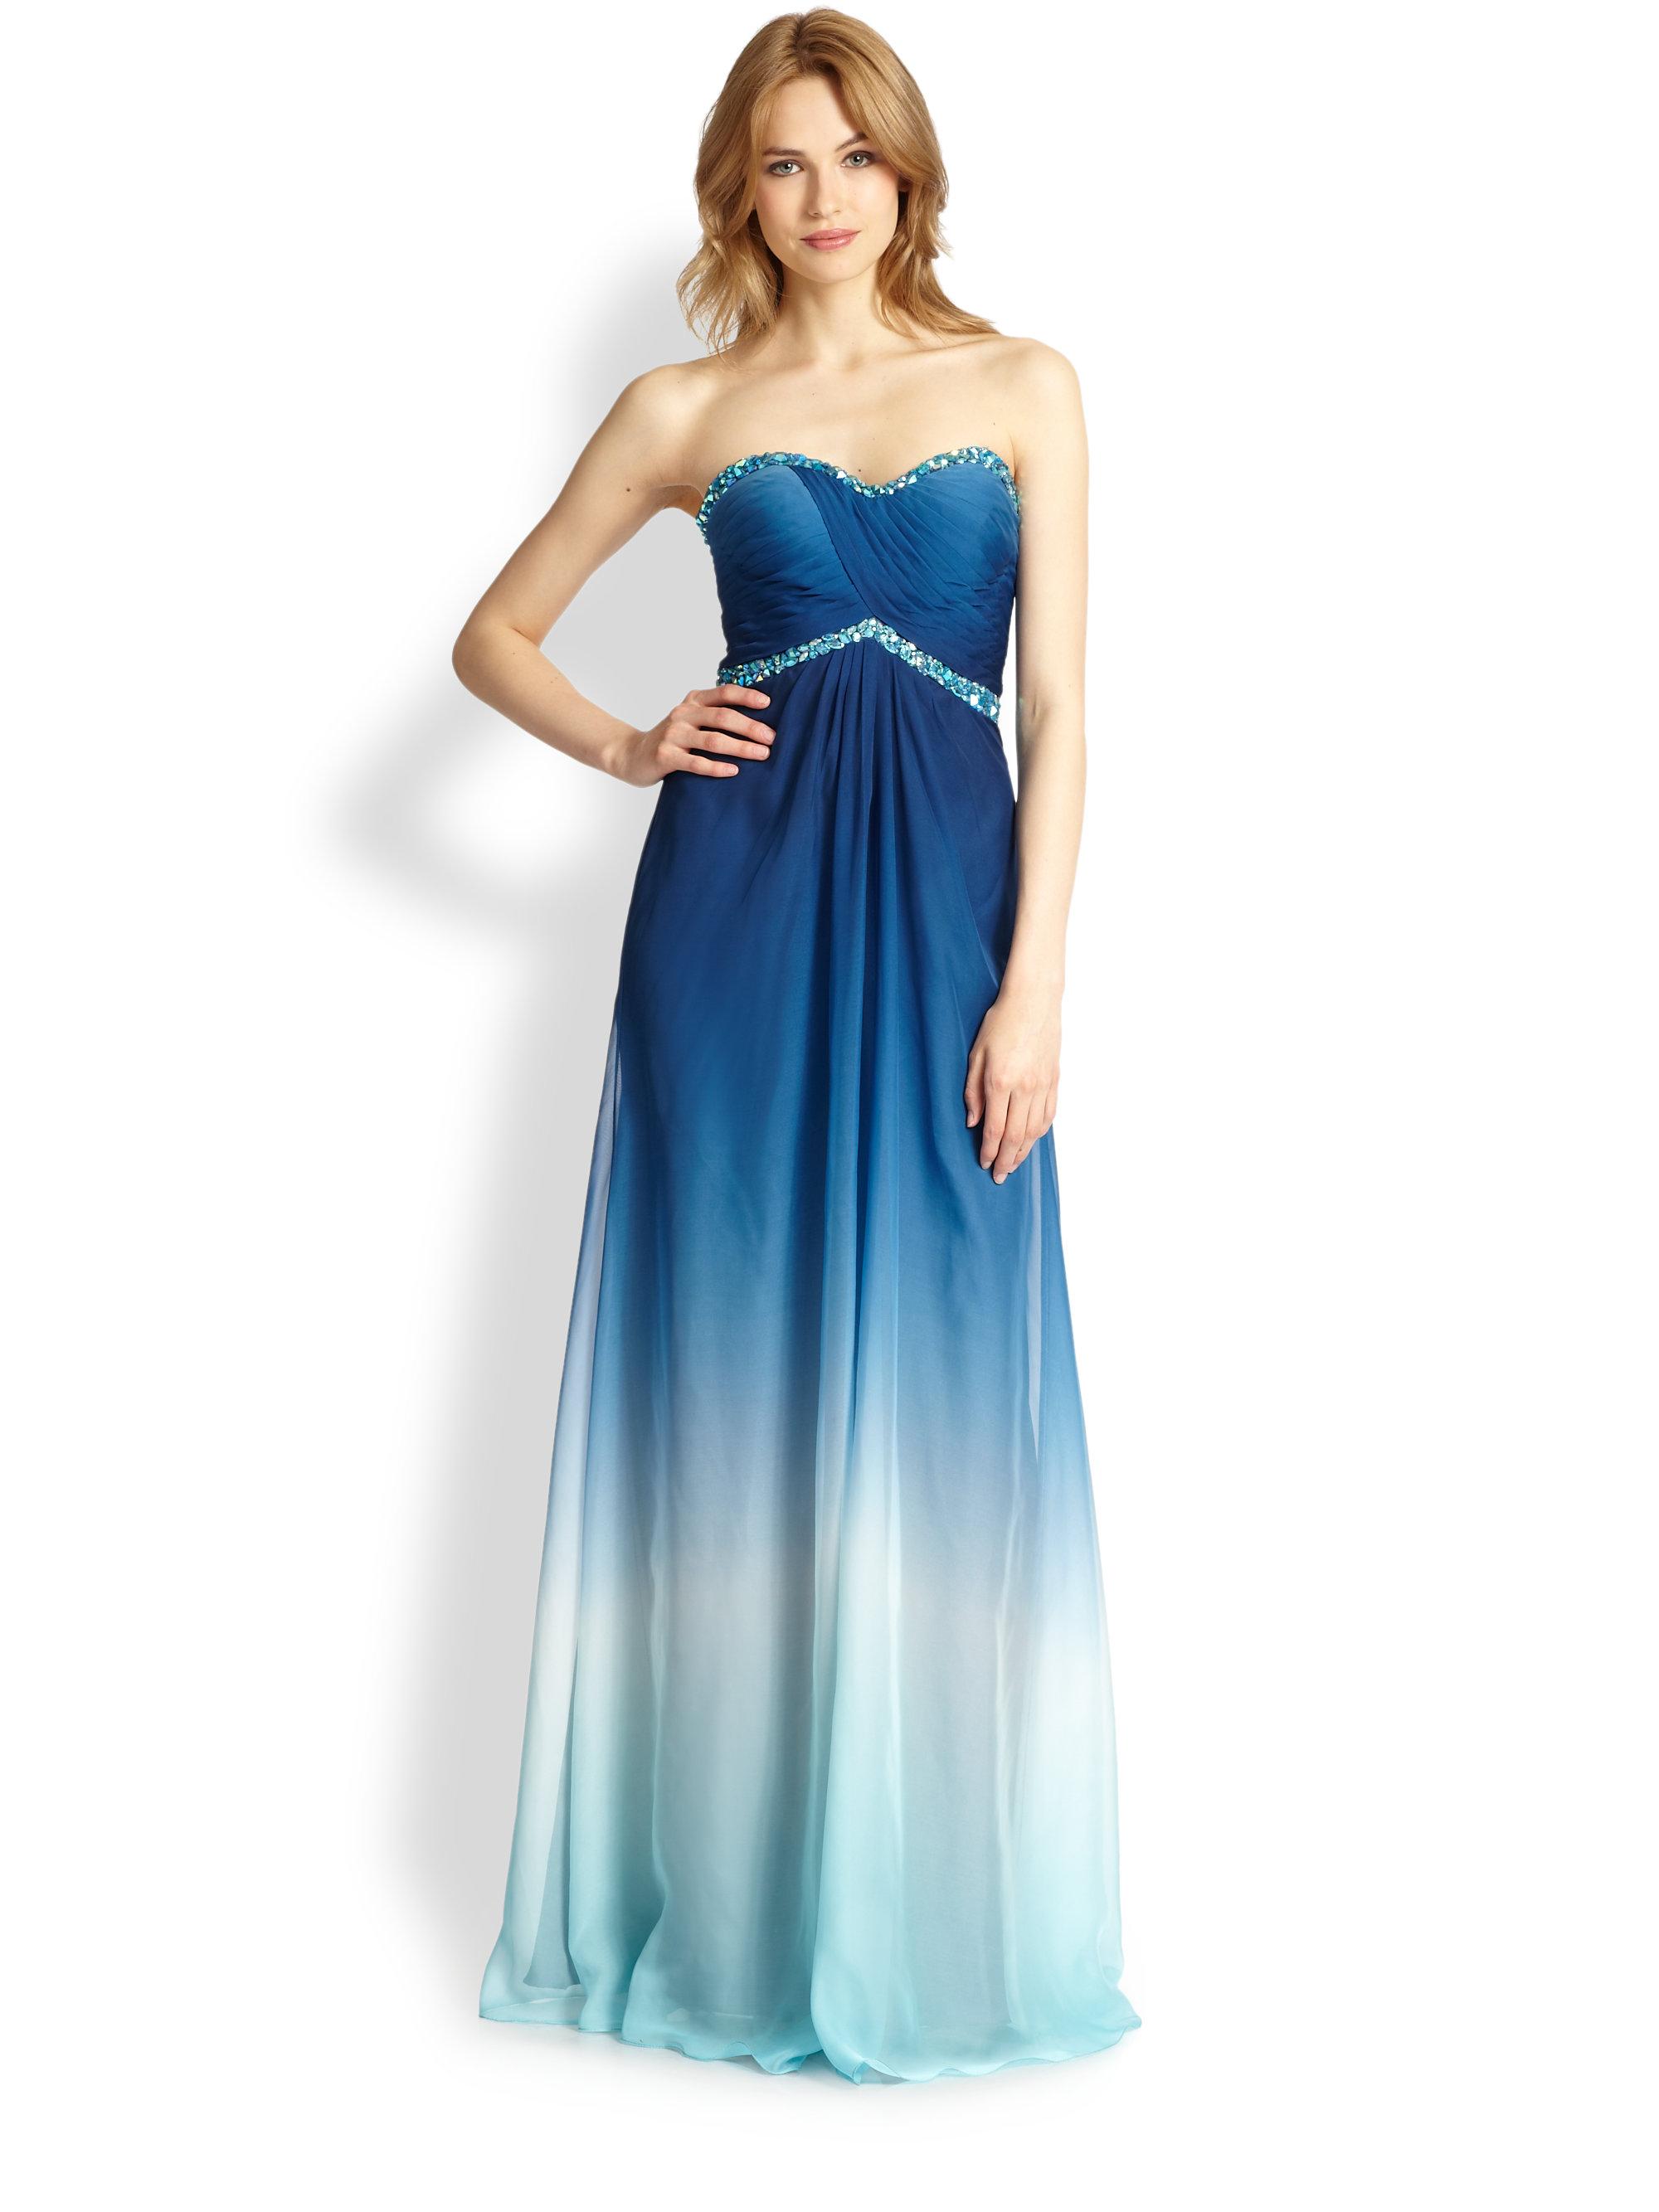 68ed28aaa54 La Femme Strapless Organza Ombr Eacute  Gown in Blue - Lyst